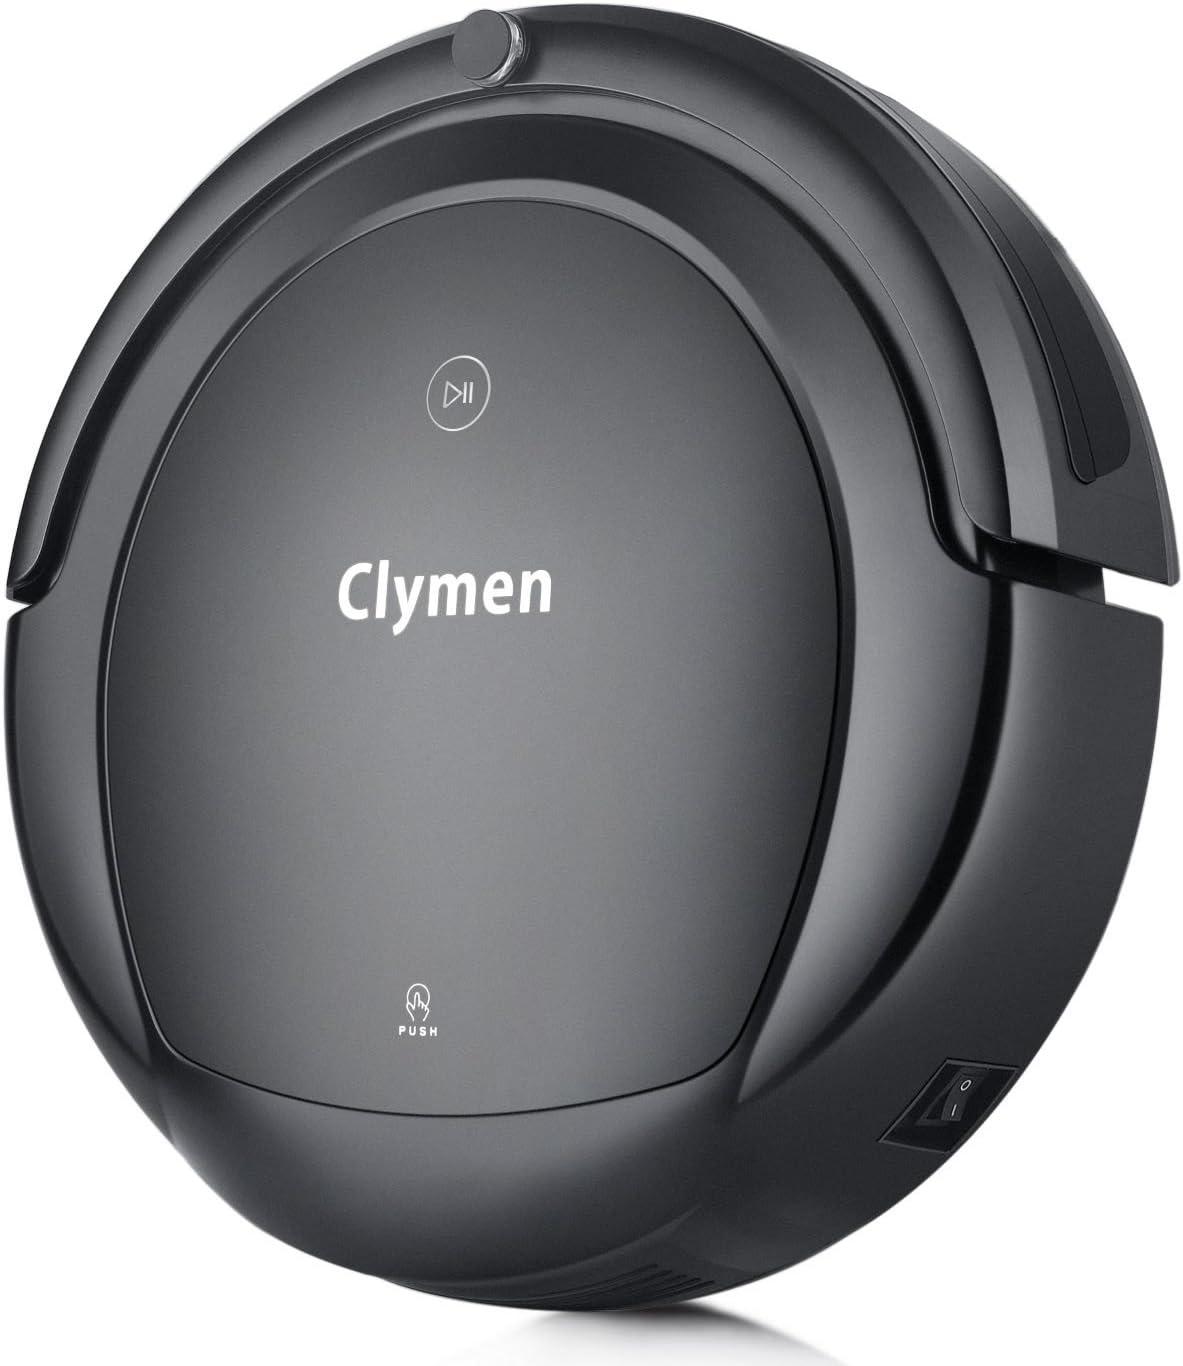 Clymen Q9 Robot Aspirateur Nettoyage 3 En 1 Avec Commandes